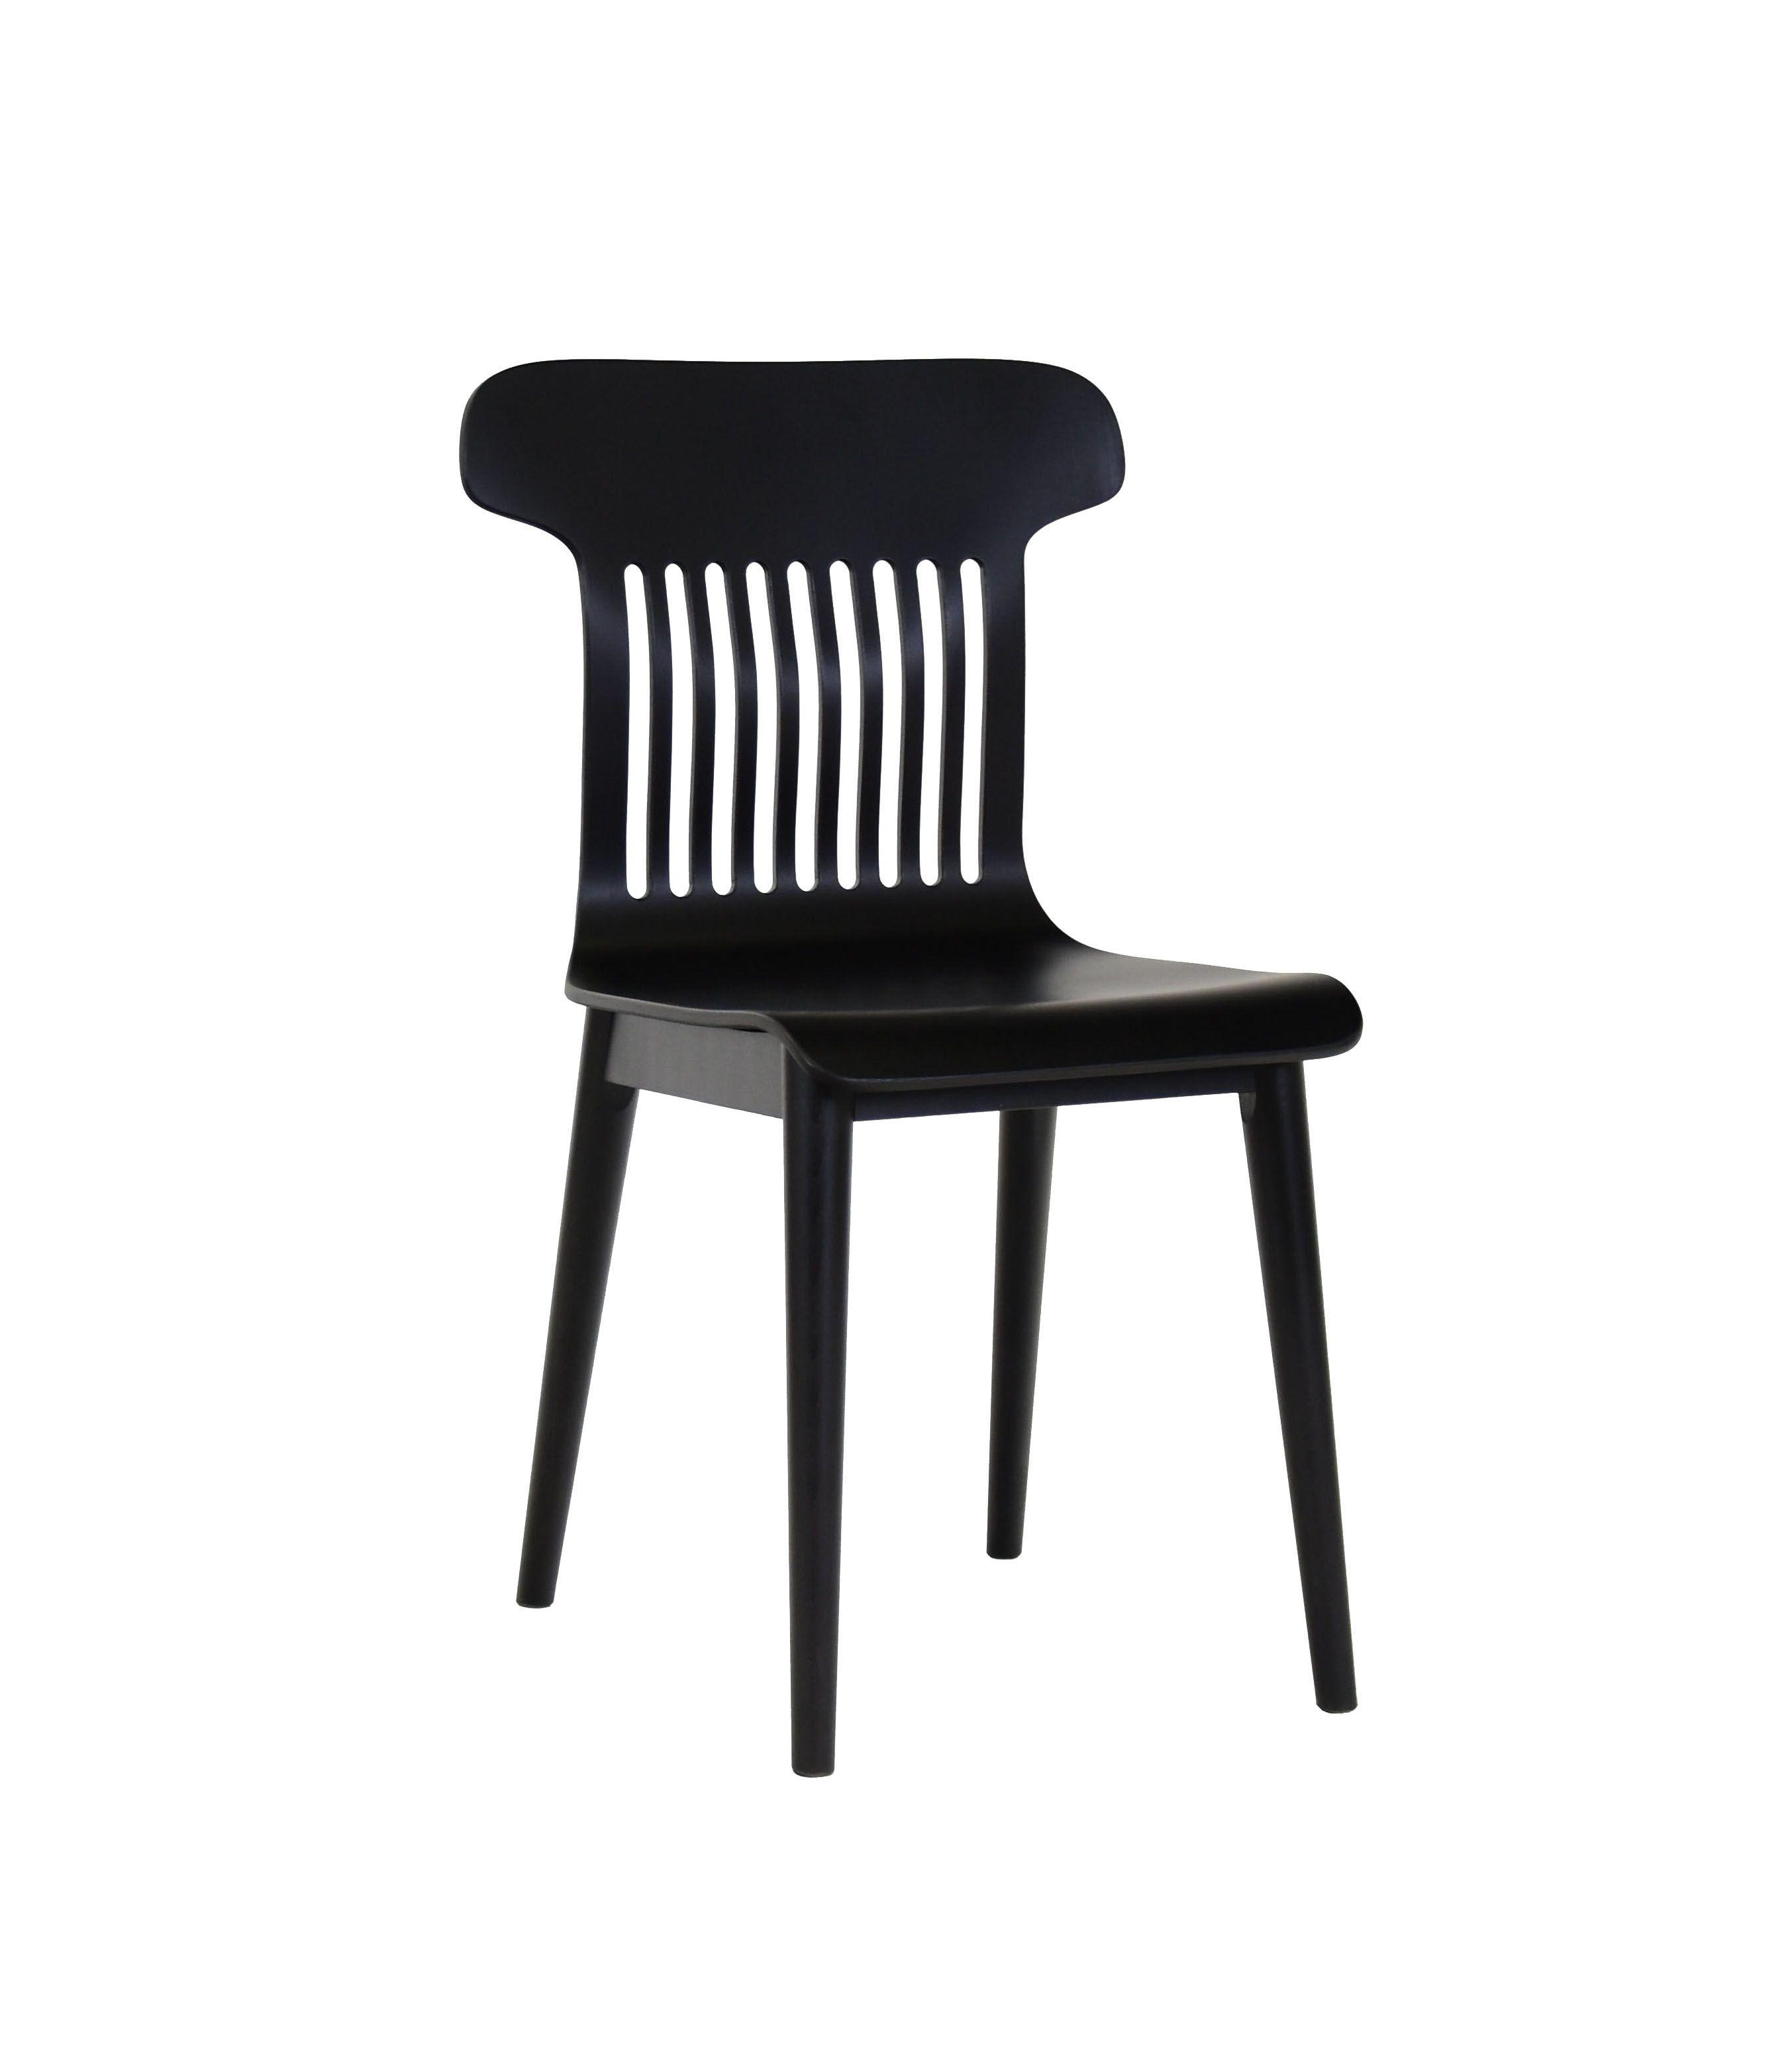 nowoczesne krzesło skandynawskie